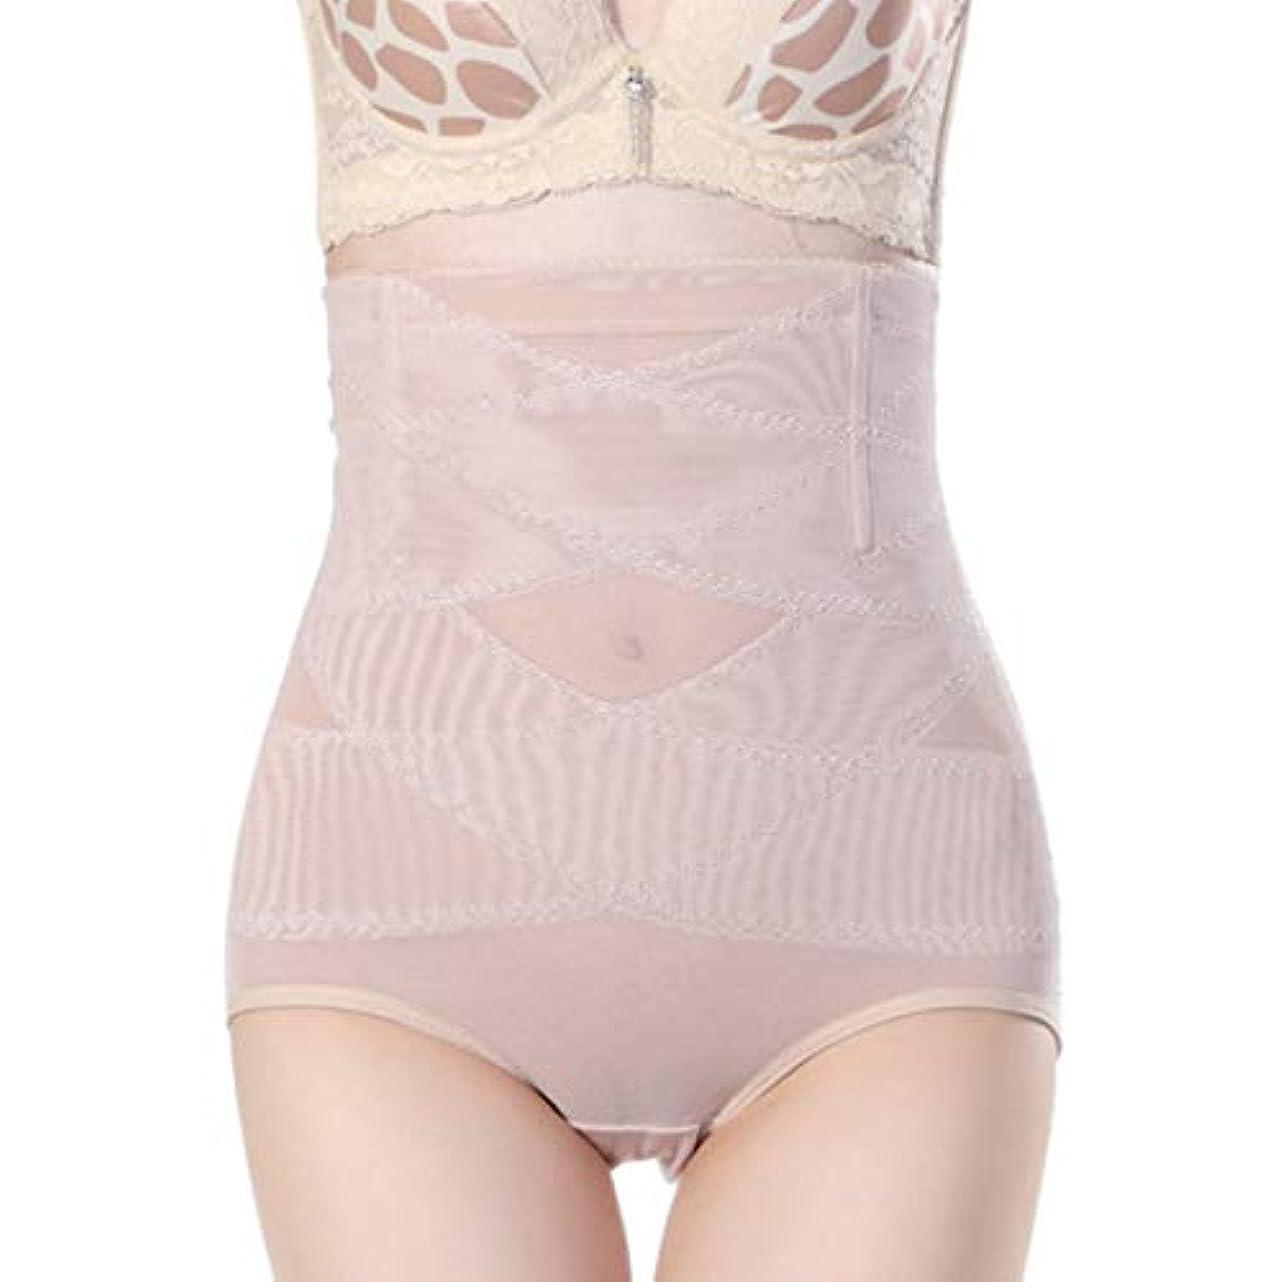 フォーマル広告主位置づける腹部制御下着シームレスおなかコントロールパンティーバットリフターボディシェイパーを痩身通気性のハイウエストの女性 - 肌色2 XL